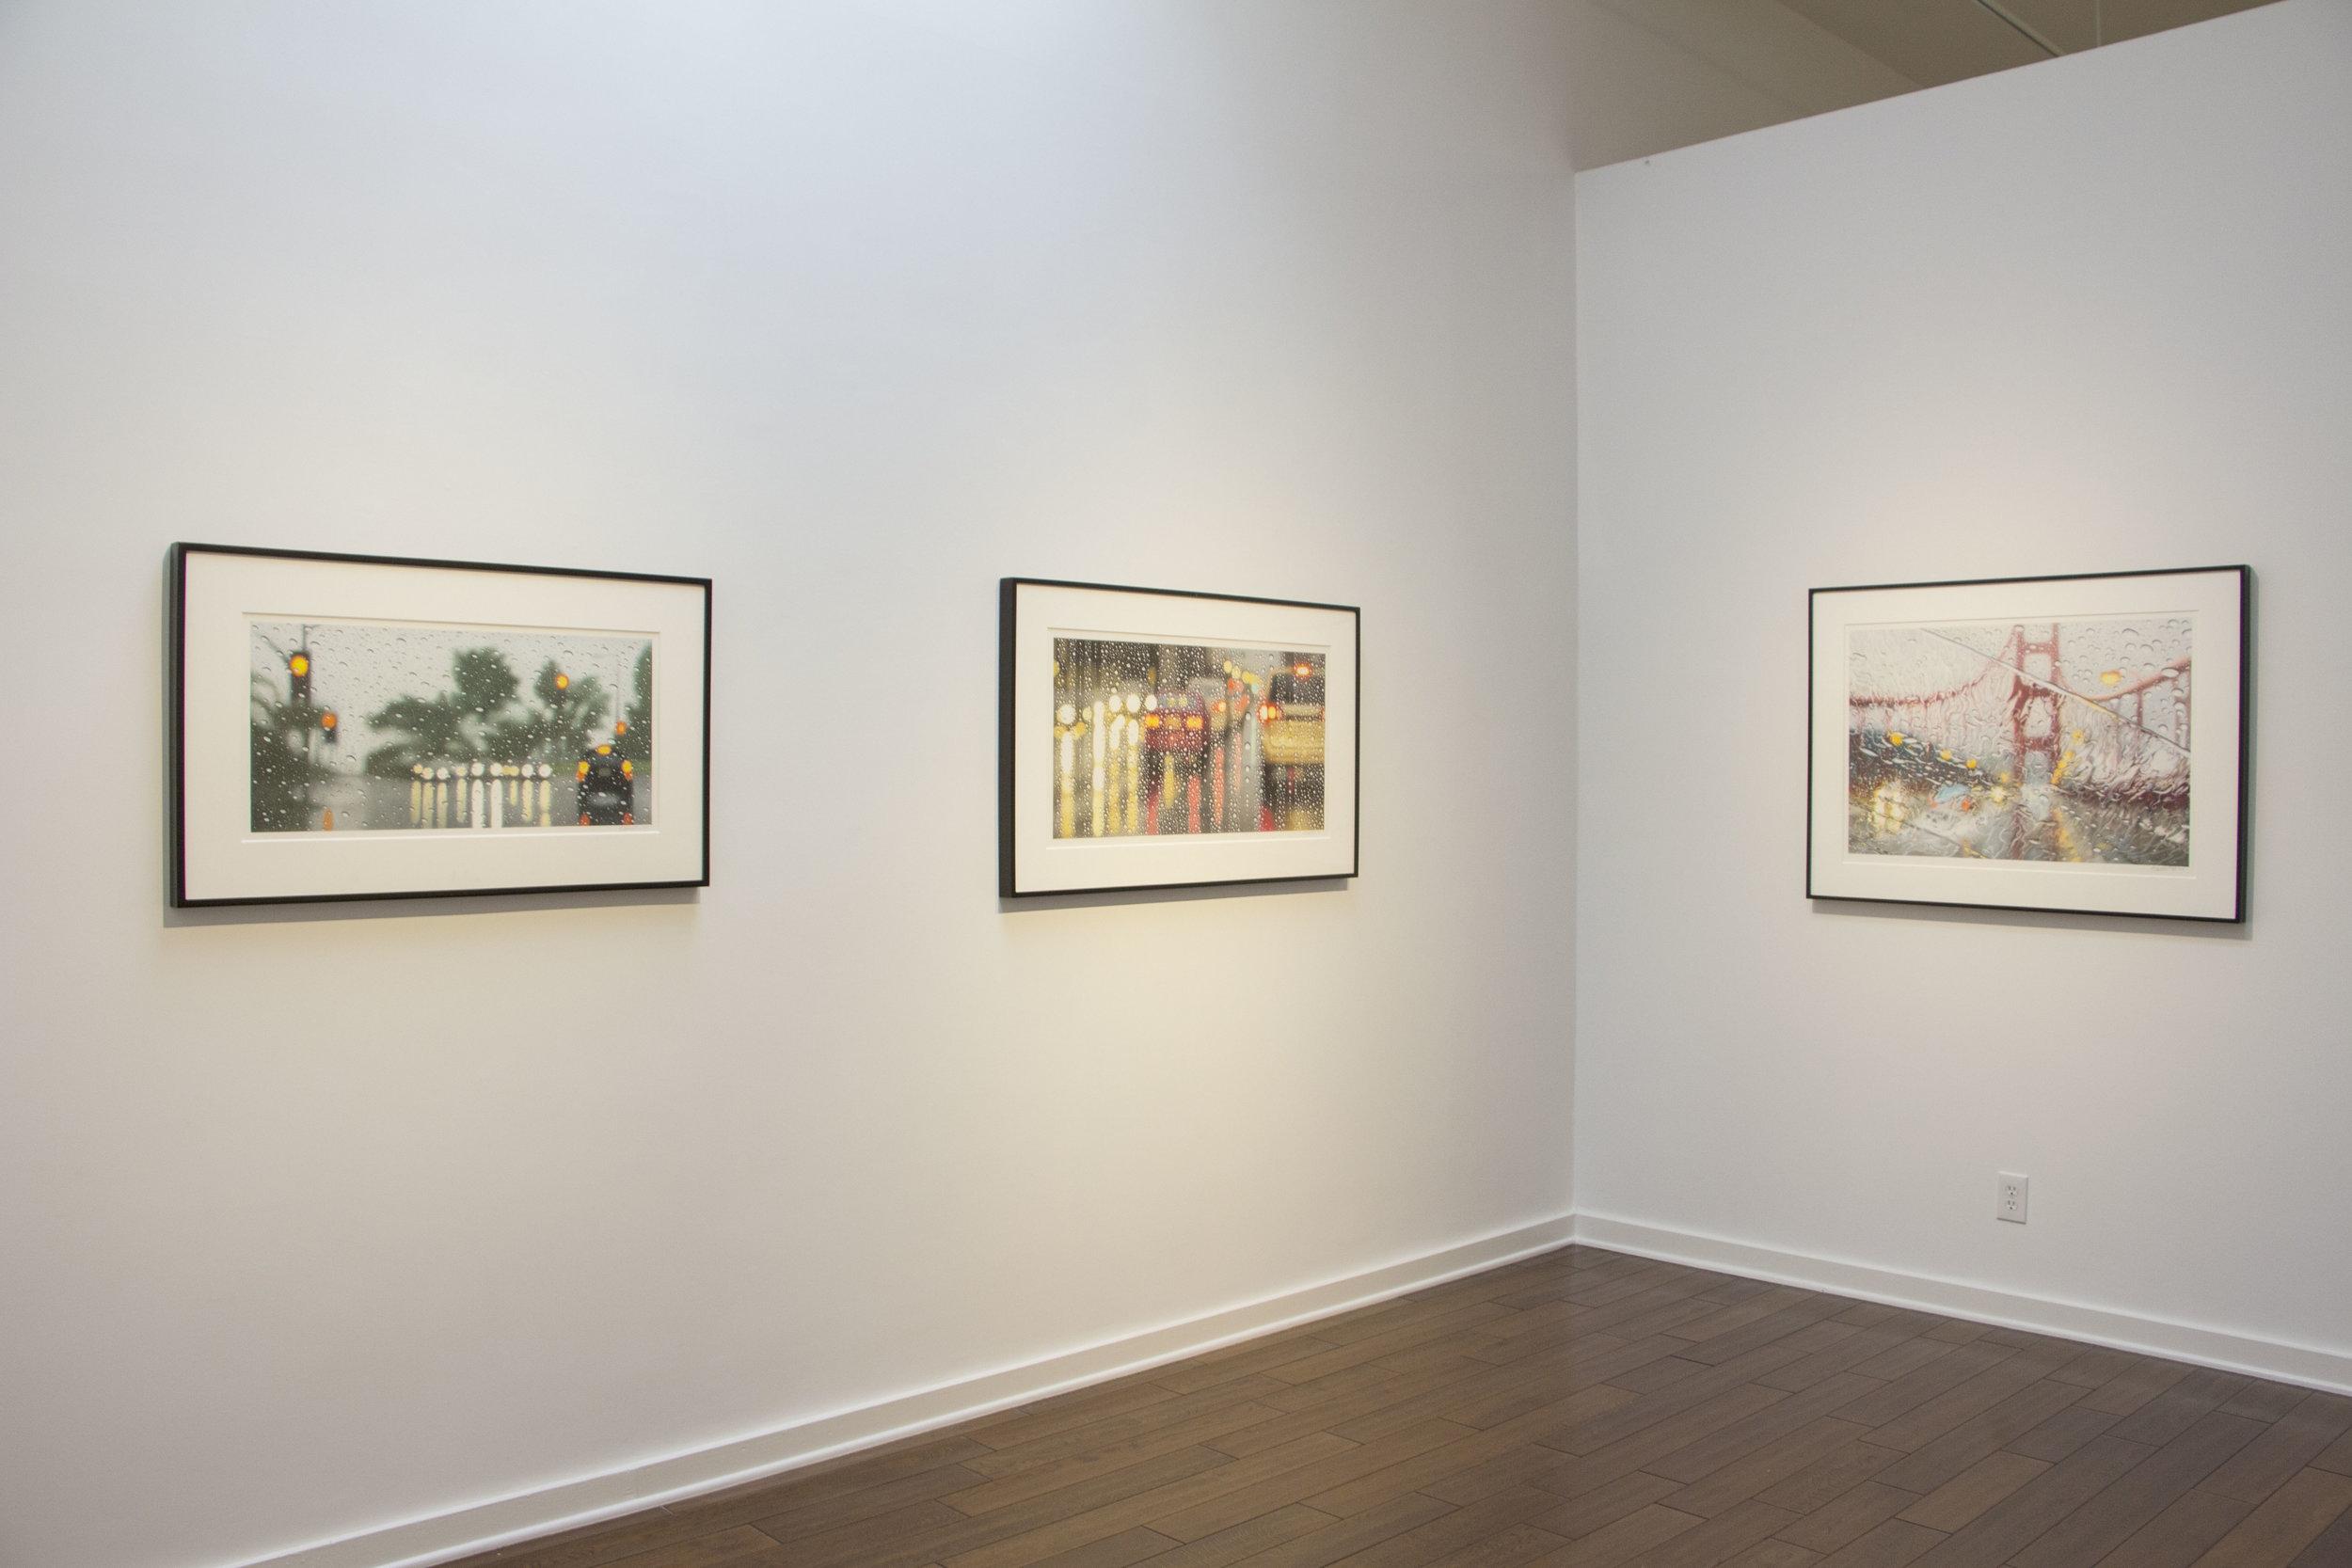 Elizabeth Patterson: Paris & Other Places